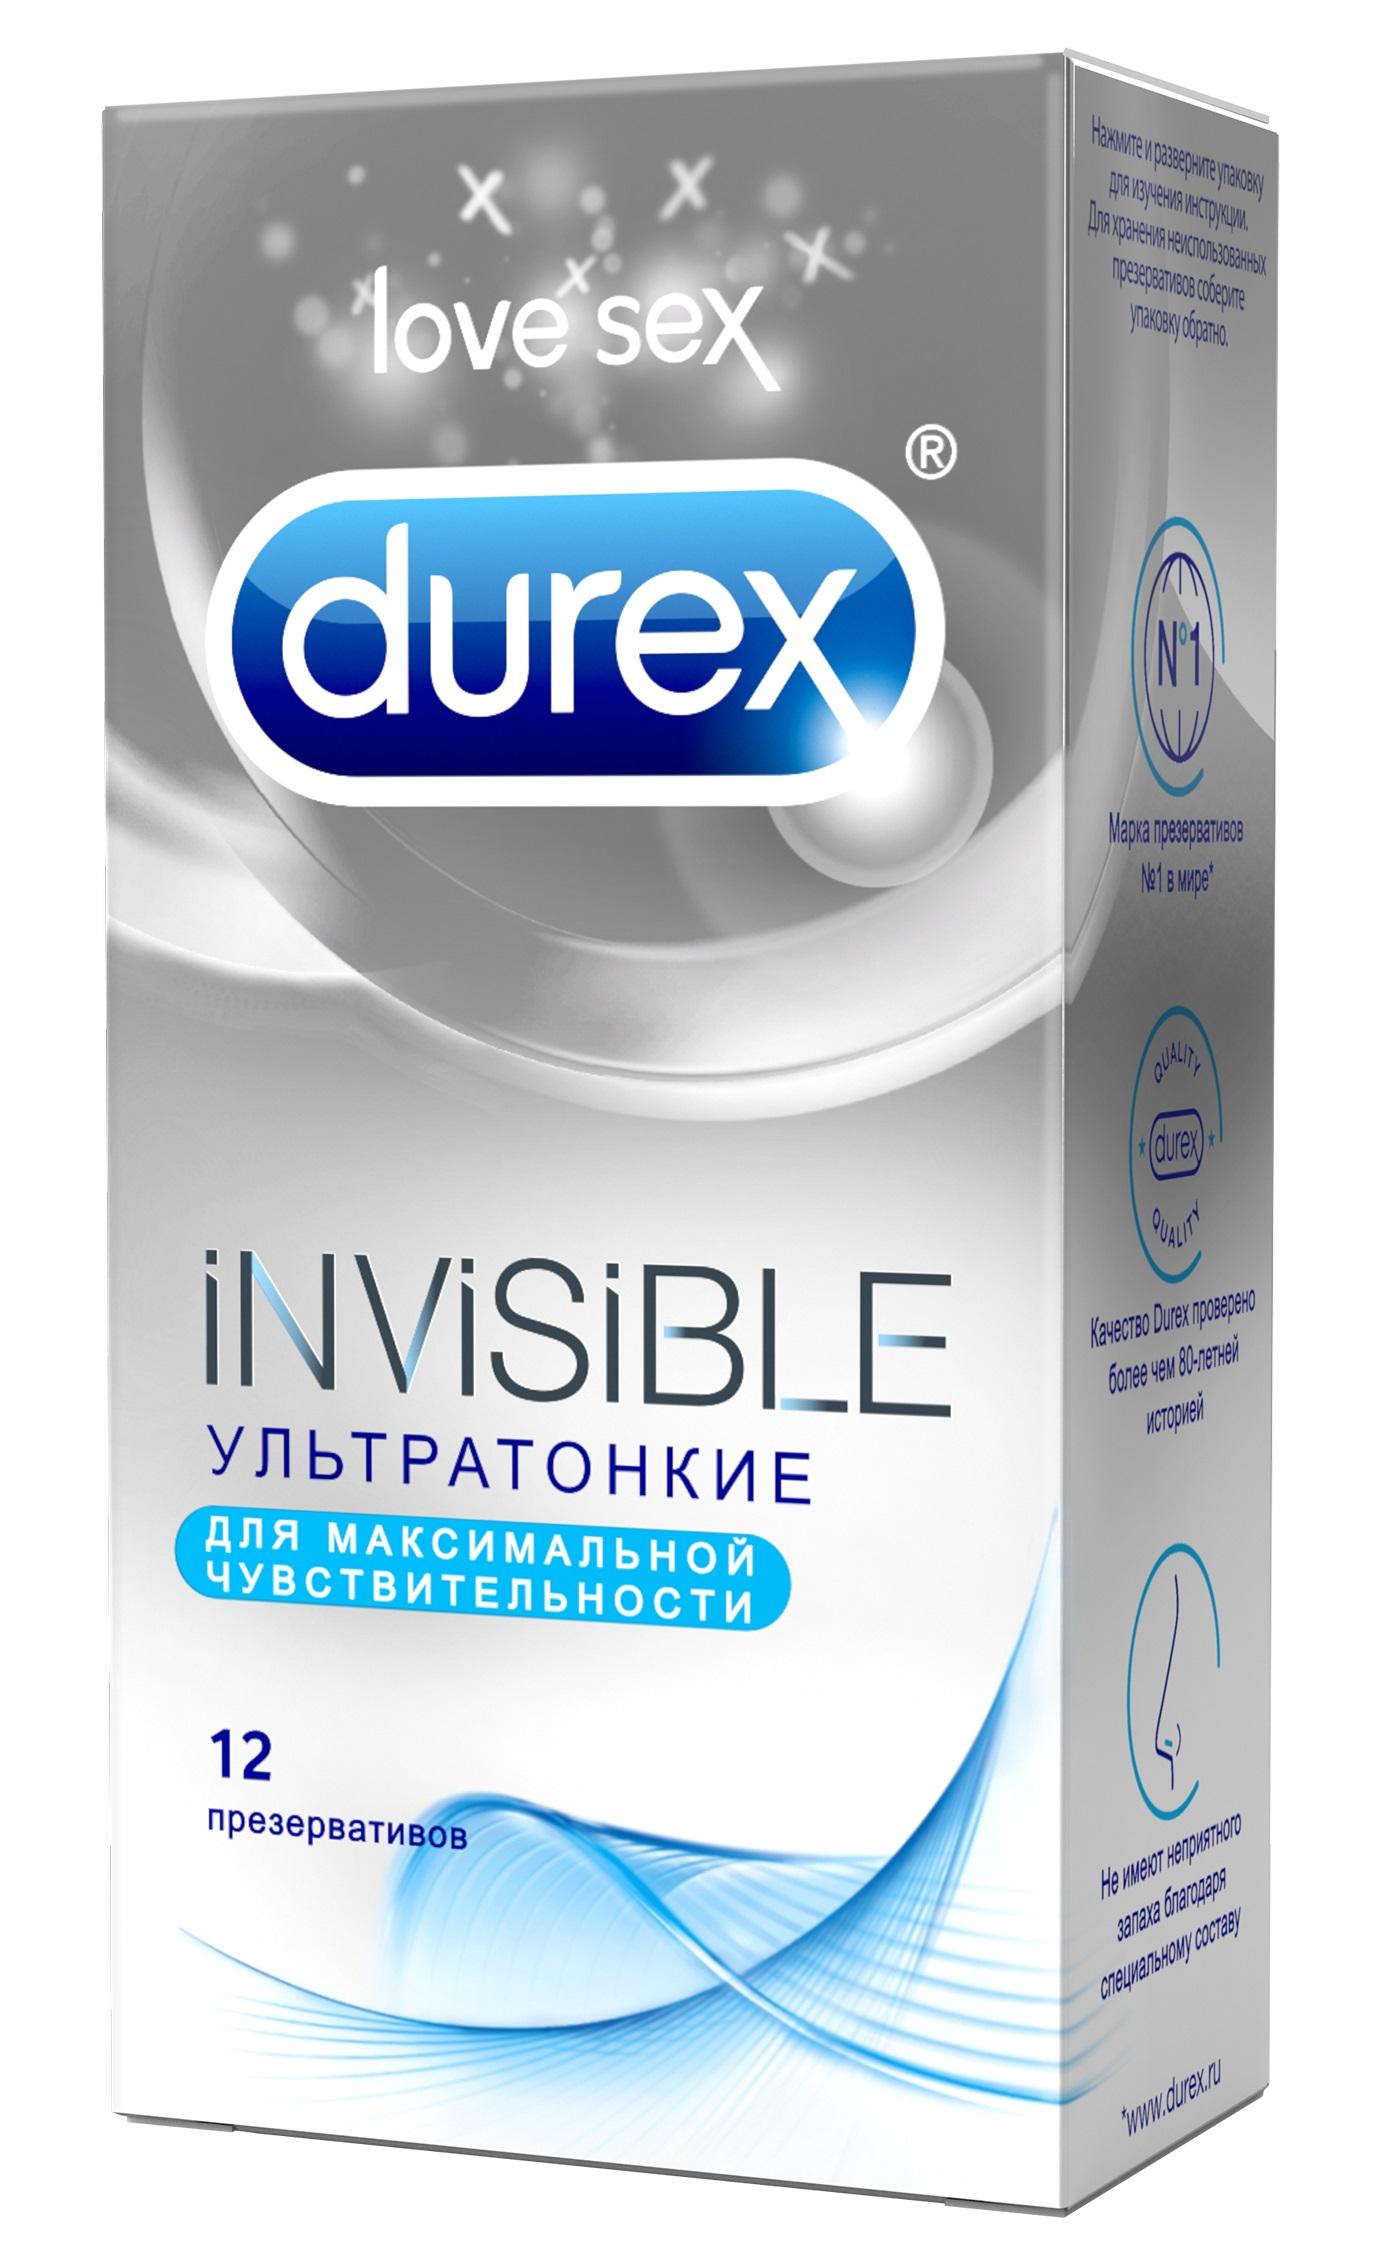 Durex Invisible Презервативы ультратонкие для максимальной чувствительности, 12 шт17800Тонкие, почти не ощутимые с дополнительной обильной смазкой, с накопителем. Специальная анатомическая форма презерватива облегчает надевание и создаёт более комфортные ощущения. Силиконовая смазка снижает трение и делает половой акт более естественным. Если Вы любите надежность, Вам стоит попробовать эти презервативы! Прекрасно подойдет для тех, кто хочет отбросить все детали и сосредоточиться только на партнере. Прозрачные из натурального латекса с гелем-смазкой. • Номинальная ширина 52 мм • Прозрачные презервативы со смазкой, особая форма с накопителем • Специальная анатомическая форма «Easy-on» • Дерматологически протестированы • 100% проверены электроникой Храните в прохладном сухом месте, вдали от воздействия прямых солнечных лучей. Пожалуйста, внимательно прочтите памятку внутри упаковки, особенно если вы собираетесь использовать презервативы для орального или анального секса.Использование гелей-смазок Durex Play с презервативами может увеличить наслаждение от секса. Все гели-смазки Durex Play безопасны для использования с презервативами - в отличие от смазок на масляной основе, которые могут повредить презерватив. Дерматологически тестированы. Презервативы предназначены только для одноразового применения. Если вы почувствуете дискомфорт или раздражение во время использования презерватива, прекратите использование. Если симптомы будут продолжаться, пожалуйста, обратитесь к врачу. 1. Любой из партнеров может надеть презерватив на возбужденный пенис во время предварительных ласк. Позаботьтесь о том, чтобы сделать это до начала полового акта. Это помогает предотвратить беременность и возможность заражения инфекциями, передаваемыми половым путем. ВНИМАНИЕ: проверьте срок годности на упаковке презерватива, прежде чем использовать его. Надорвите упаковку со стороны зубчатой кромки и обращайтесь с презервативами осторожно, так как его можно повредить ногтями и острыми предметами, н